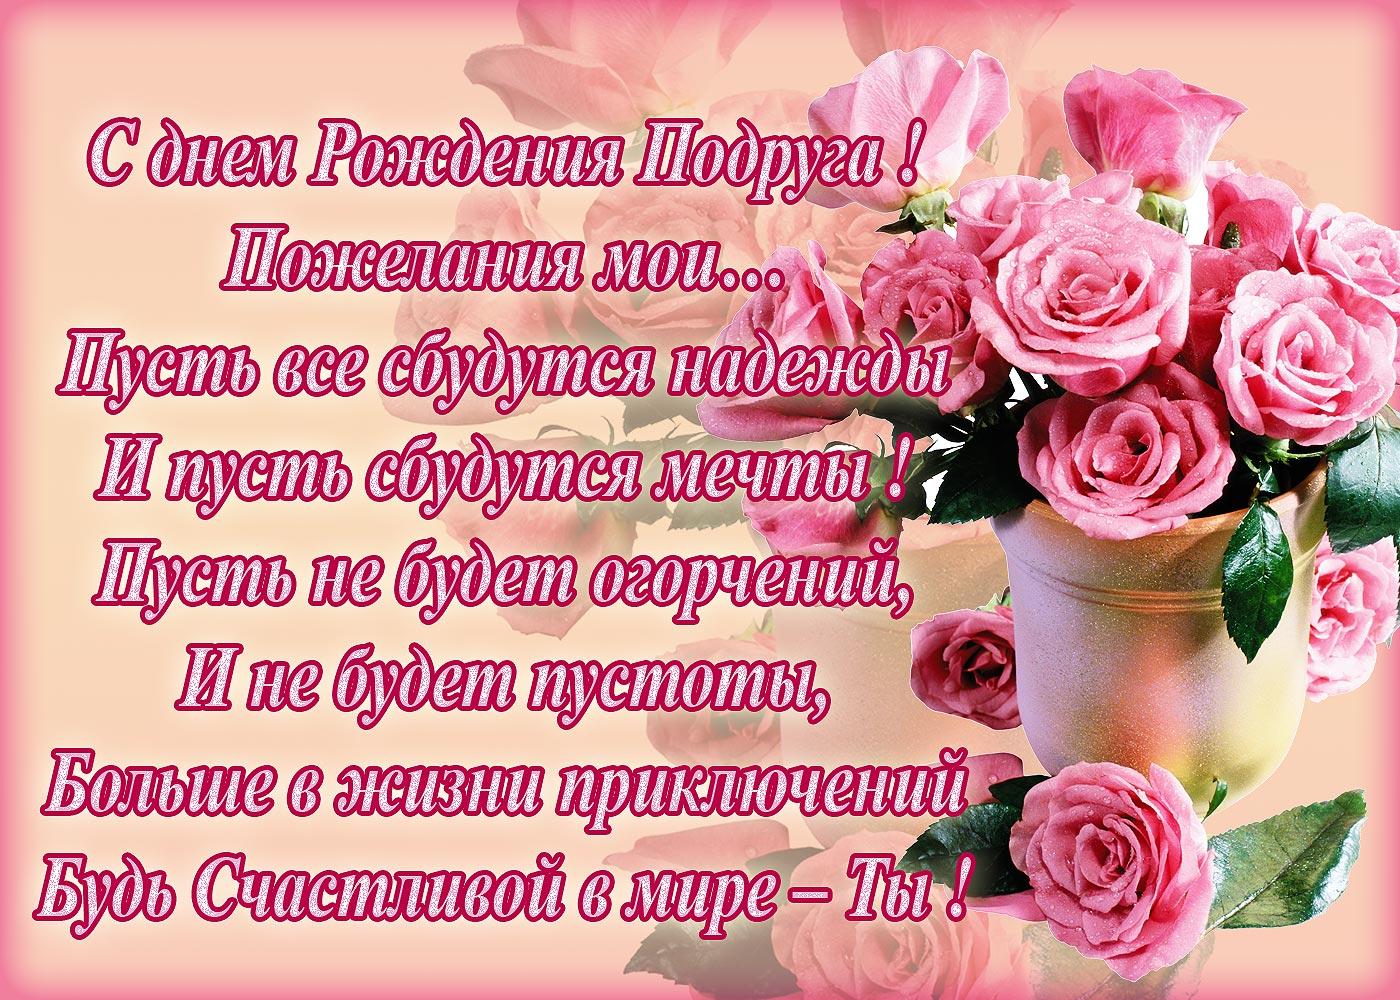 С Днем рождения, Лизонька!